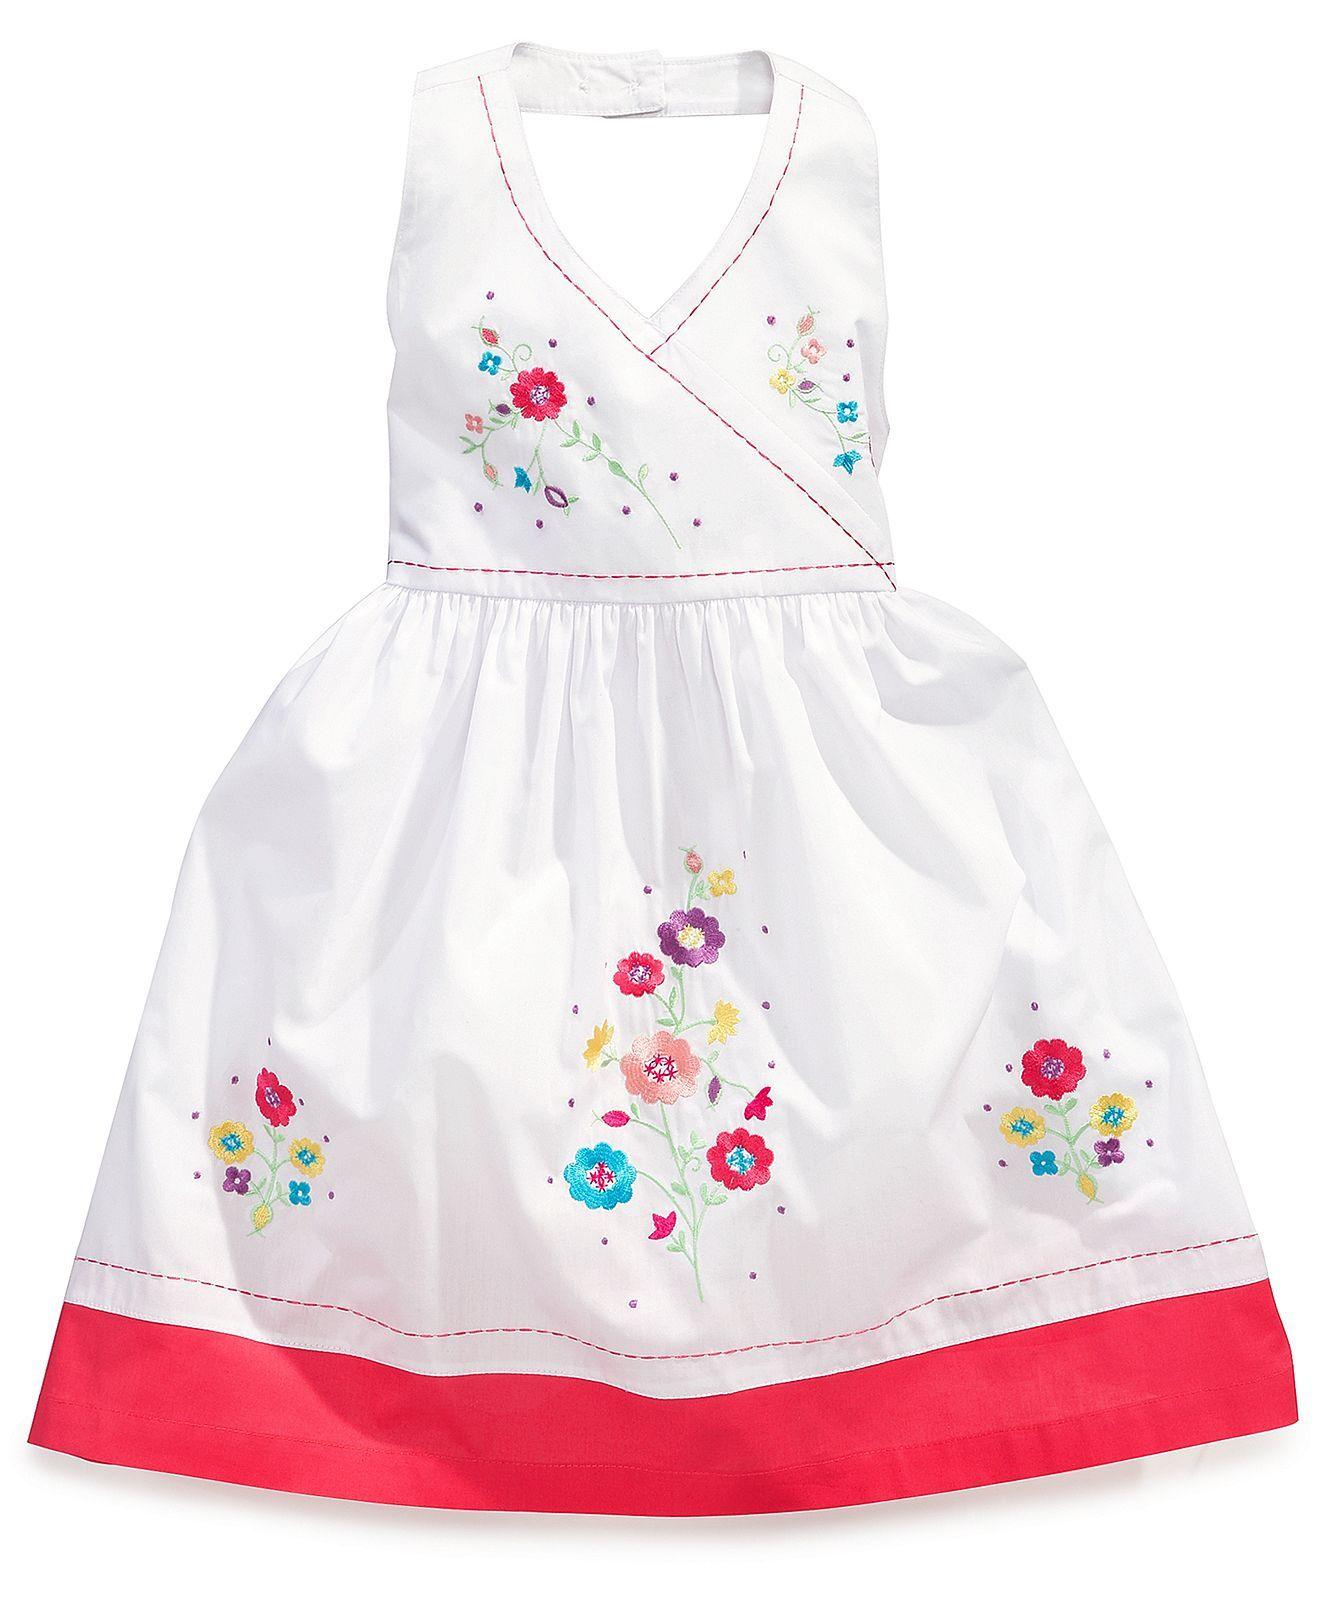 White apron macy's - Blueberi Boulevard Girls Dress Little Girls Embroidered Halter Dress Kids Girls Macy S